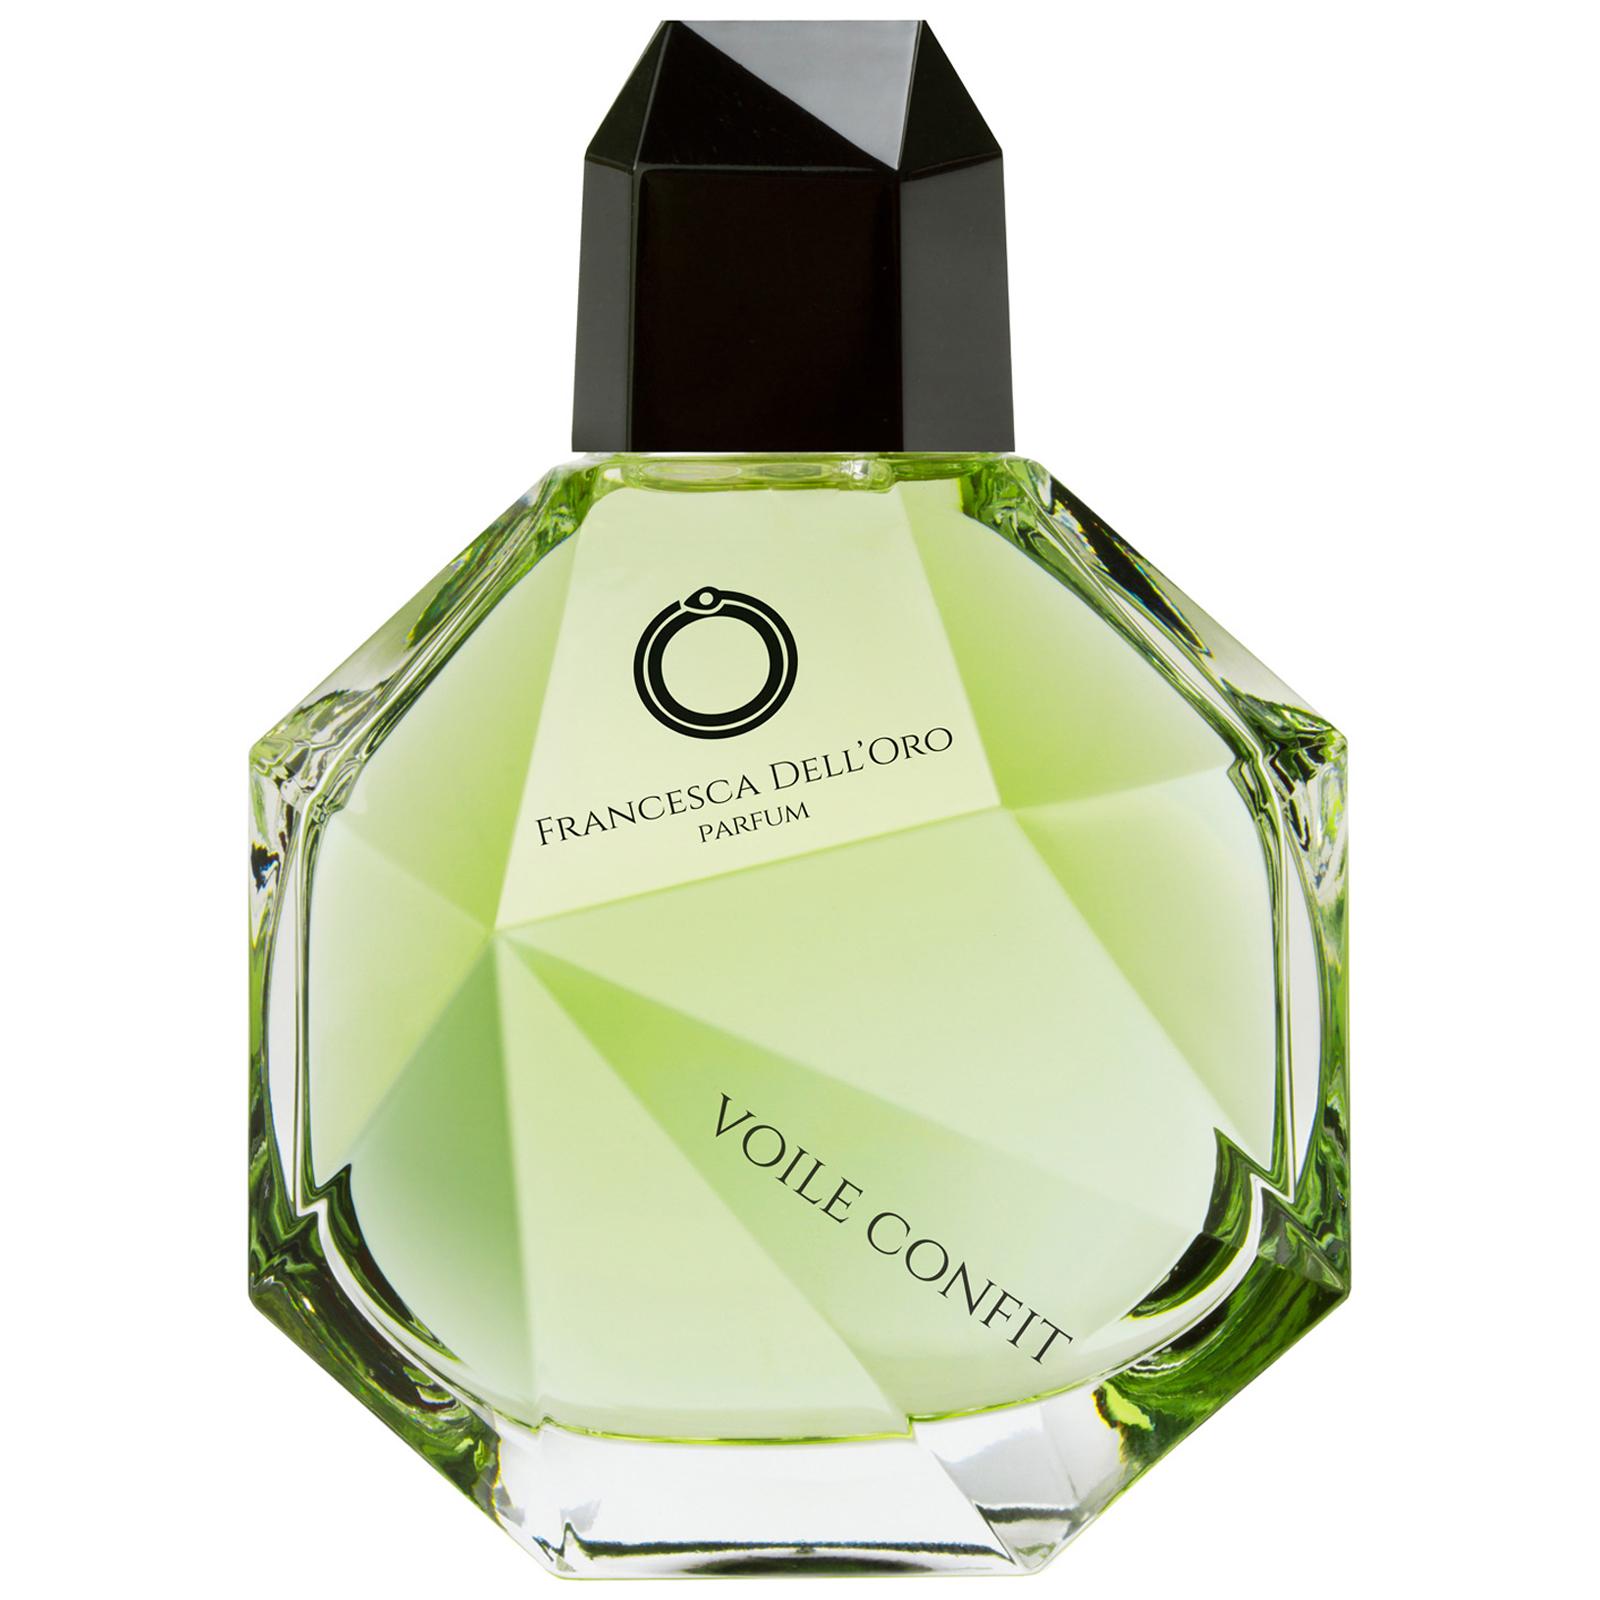 Voile confit profumo eau de parfum 100 ml